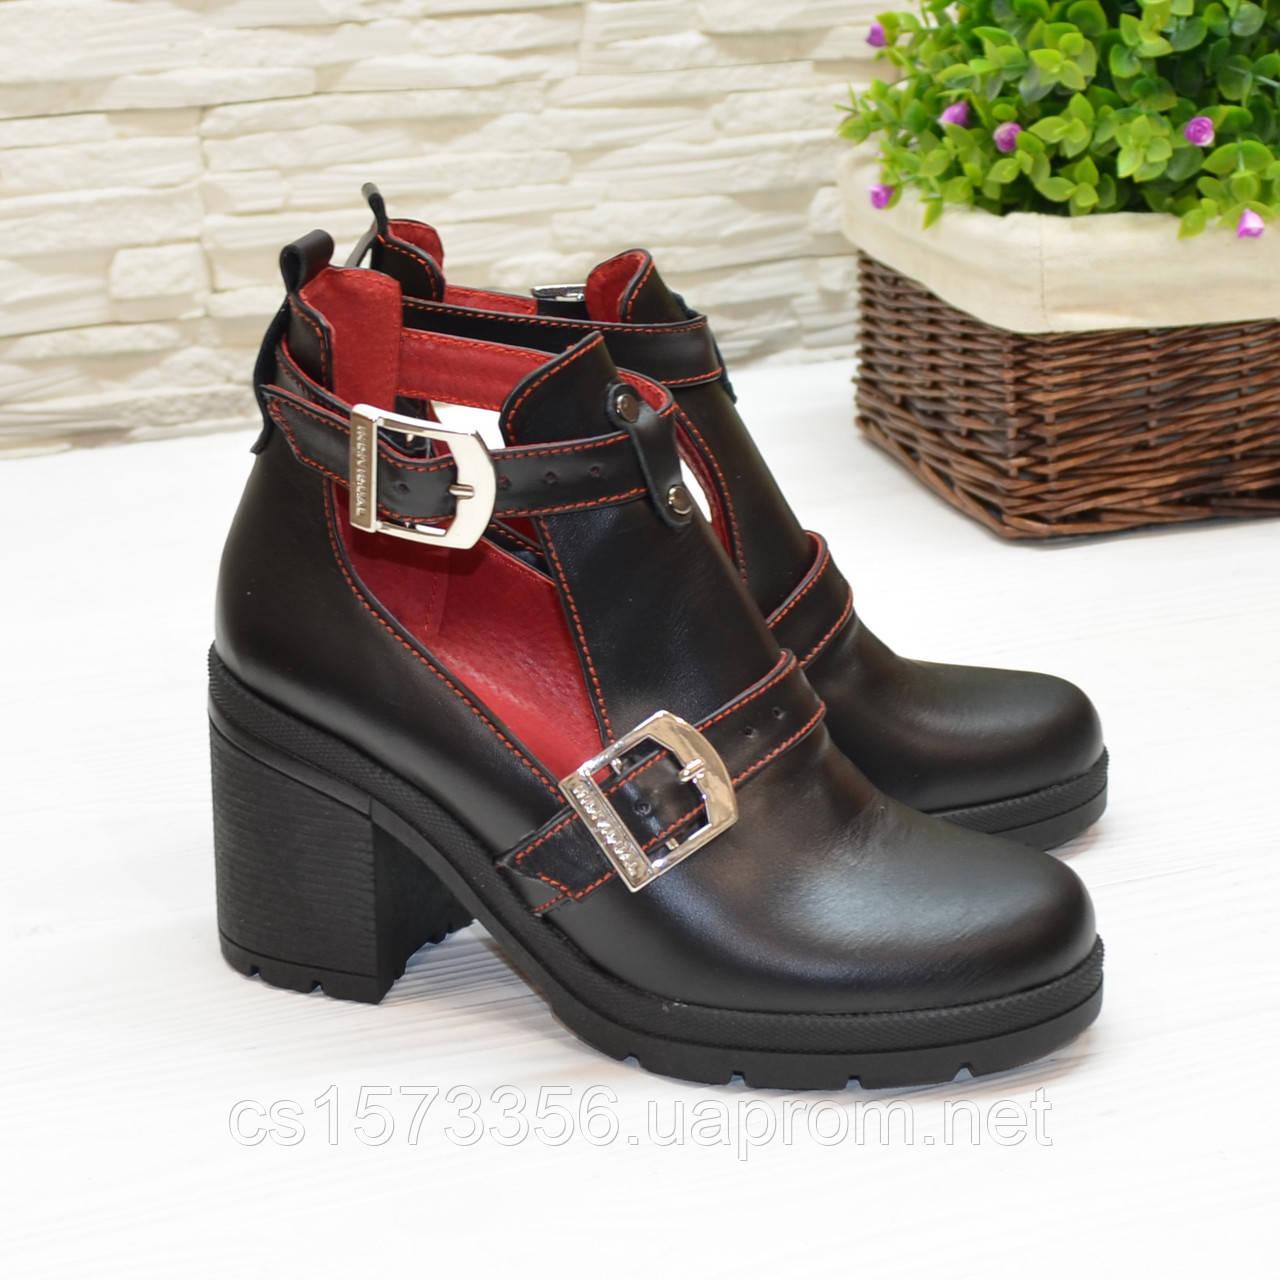 Открытые ботильоны кожаные женские на каблуке, цвет черный/красный